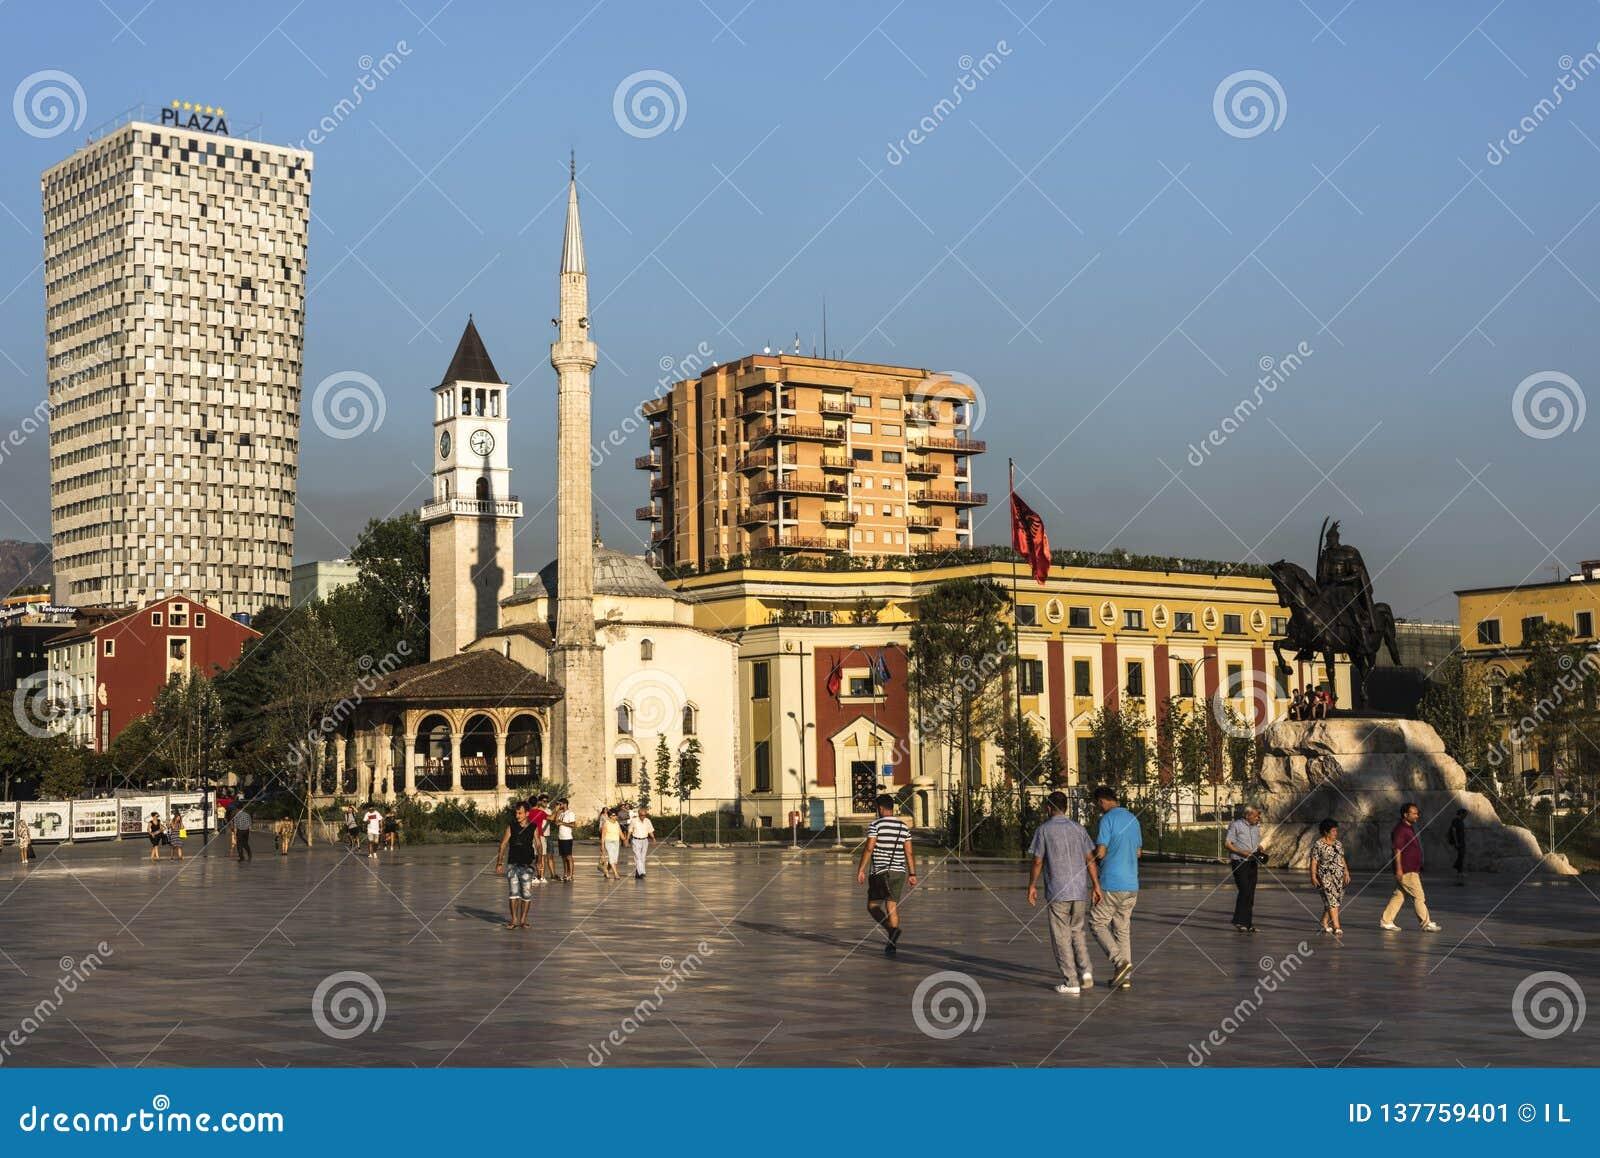 TIRANA, ALBANIEN - 1. AUGUST 2017: Einheimische an Skanderbeg-Quadrat am frühen Abend vor dem Piazza-Hotel und 'Rand Bey Mosque